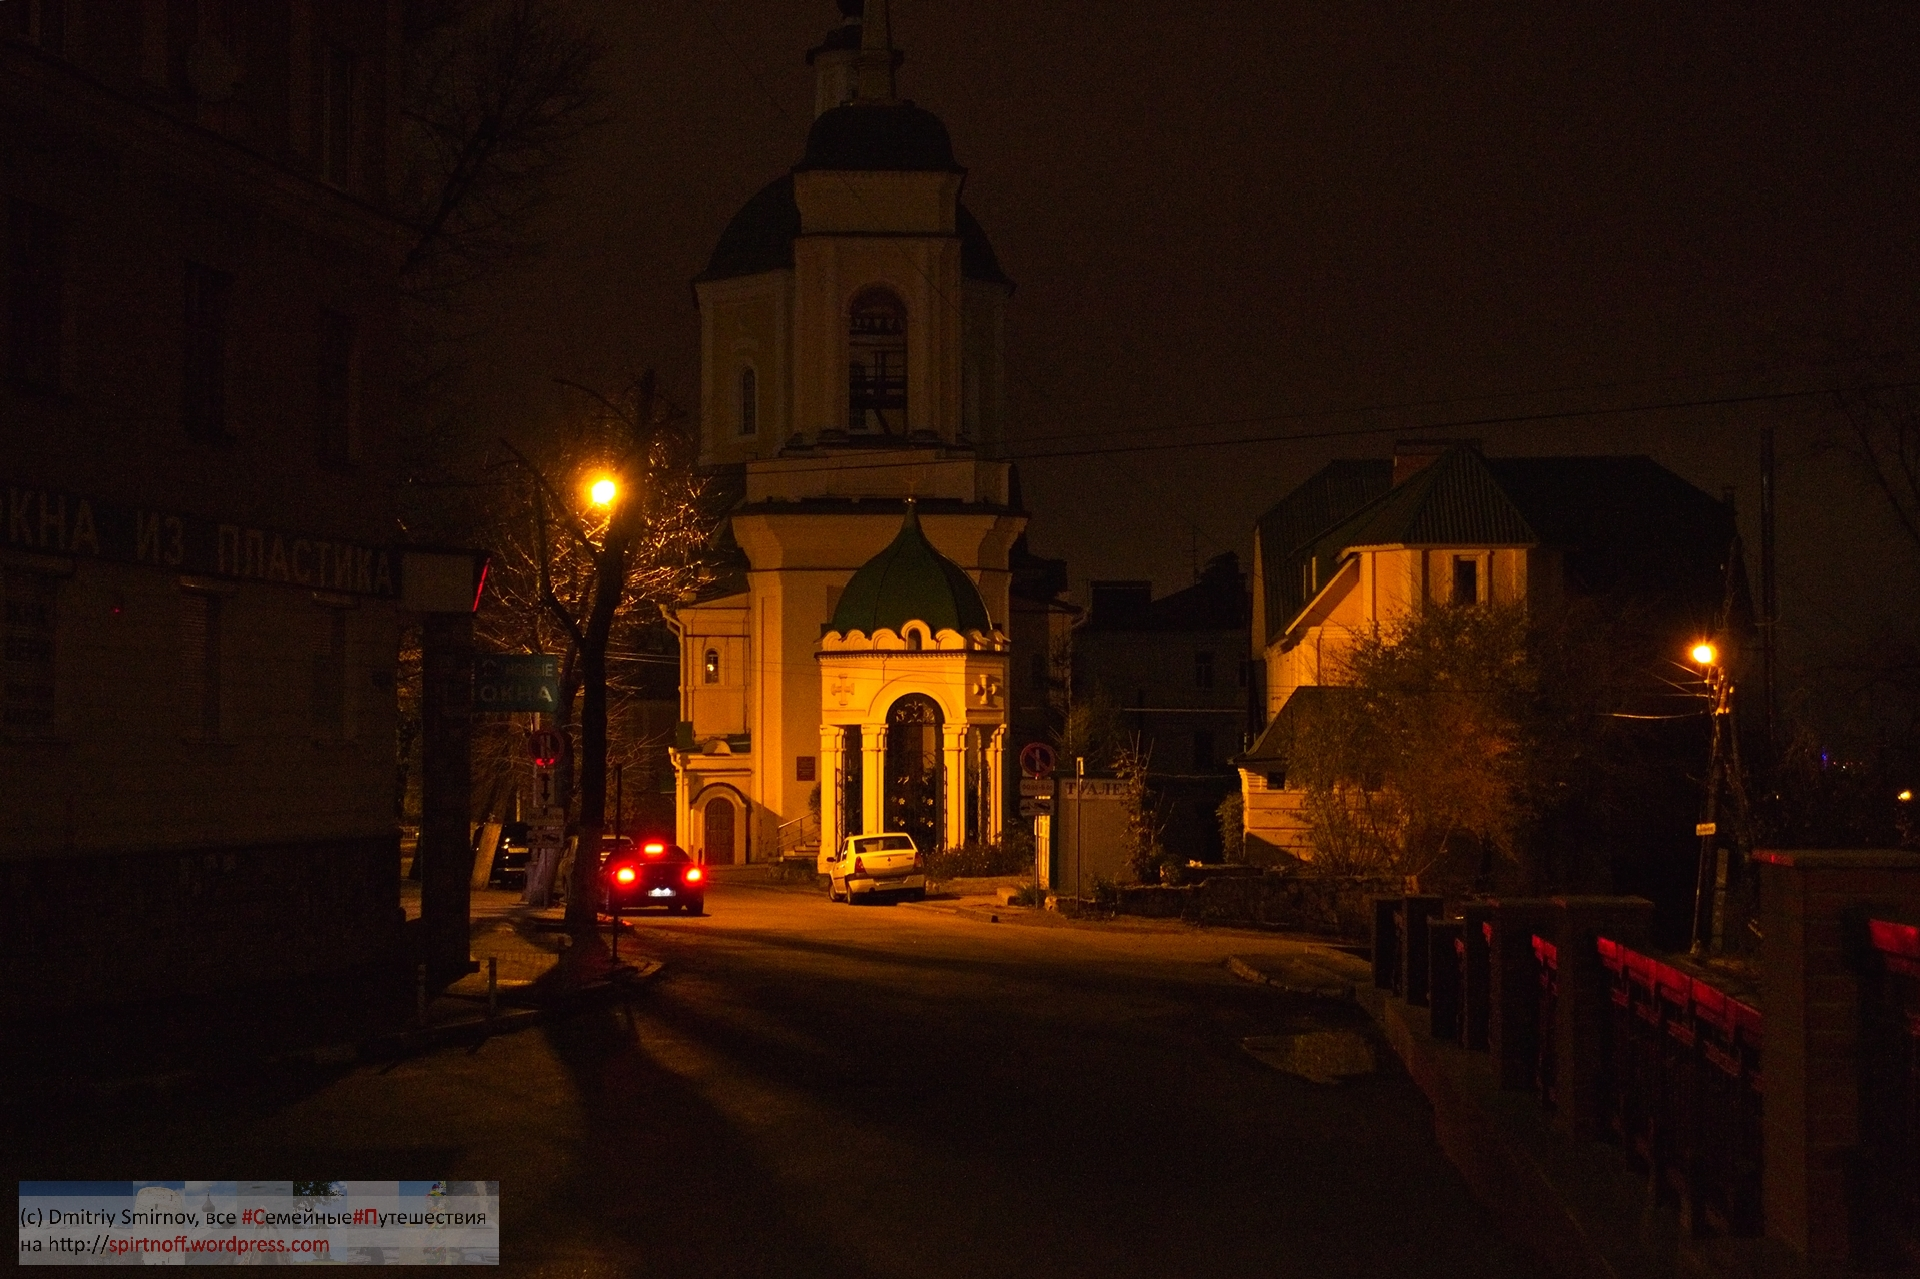 DSC_8903-144-Blog-30 Путешествия  Воронеж. Портал в соседнее измерение